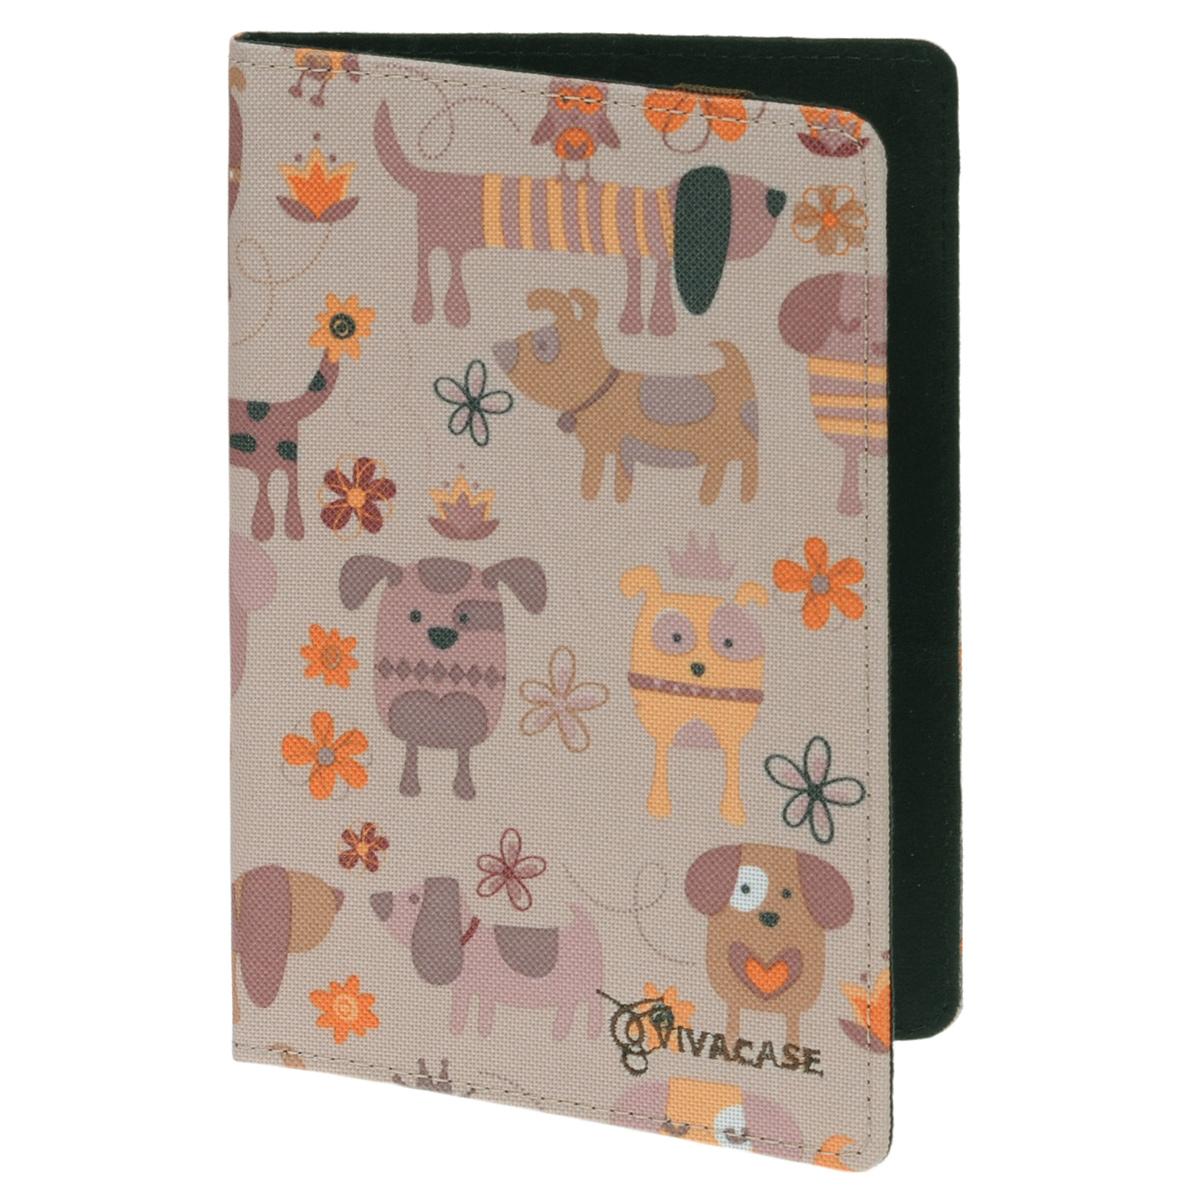 все цены на Vivacase Doggy универсальный чехол-обложка для планшетов 7